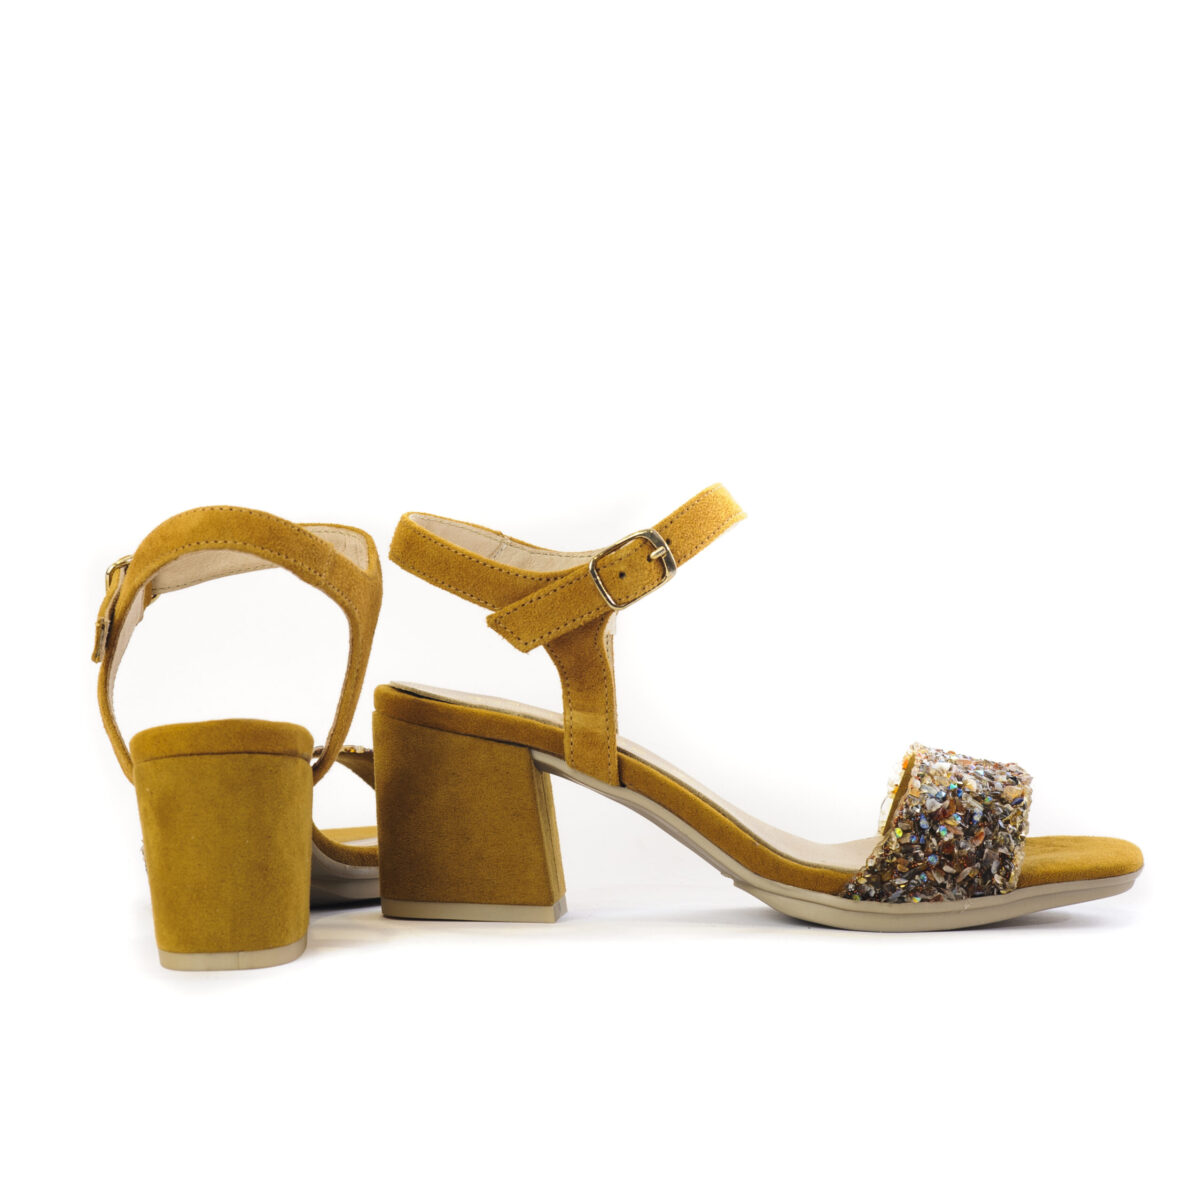 Γυναικεία Παπούτσια Γυναικείο Πέδιλο με Εντυπωσιακό Λουράκι